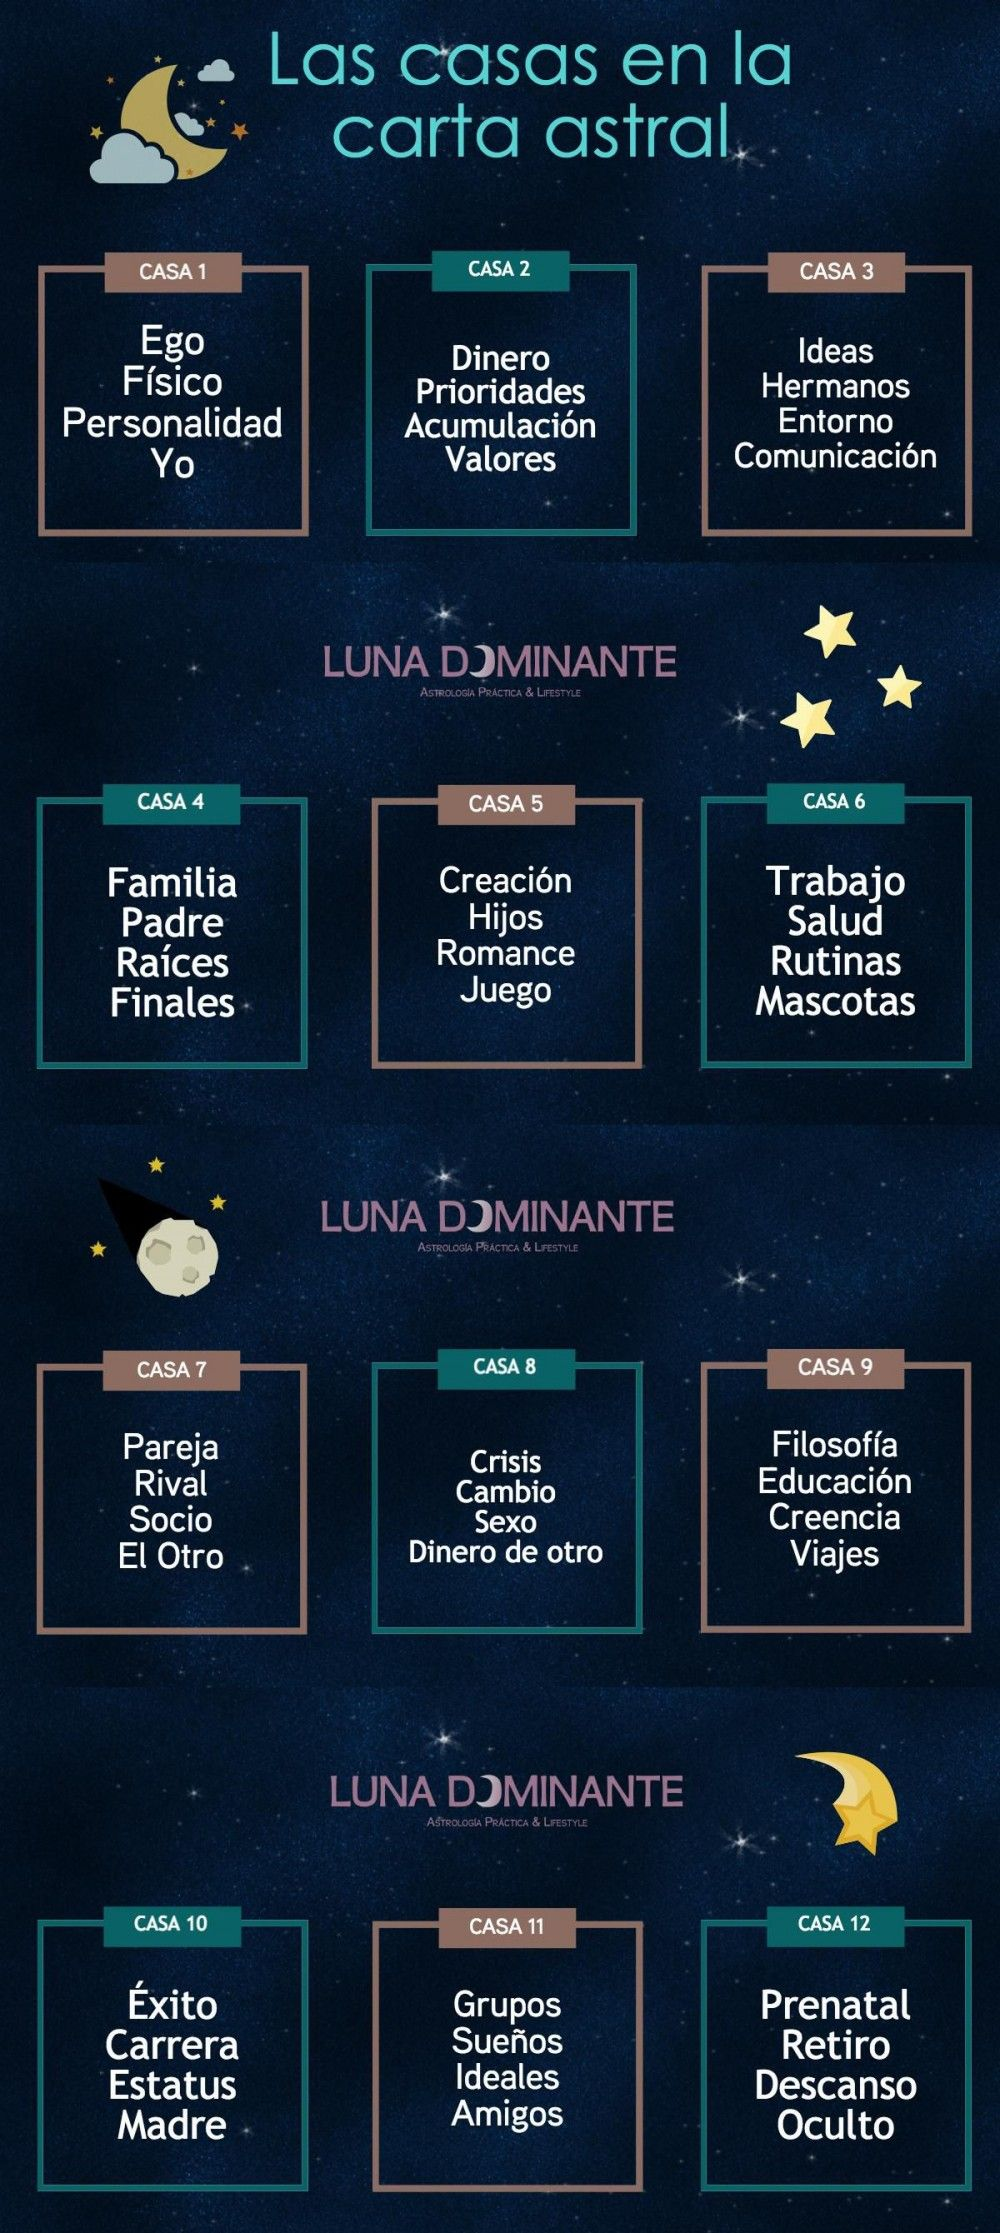 Las casas astrológicas Carta astral astrología